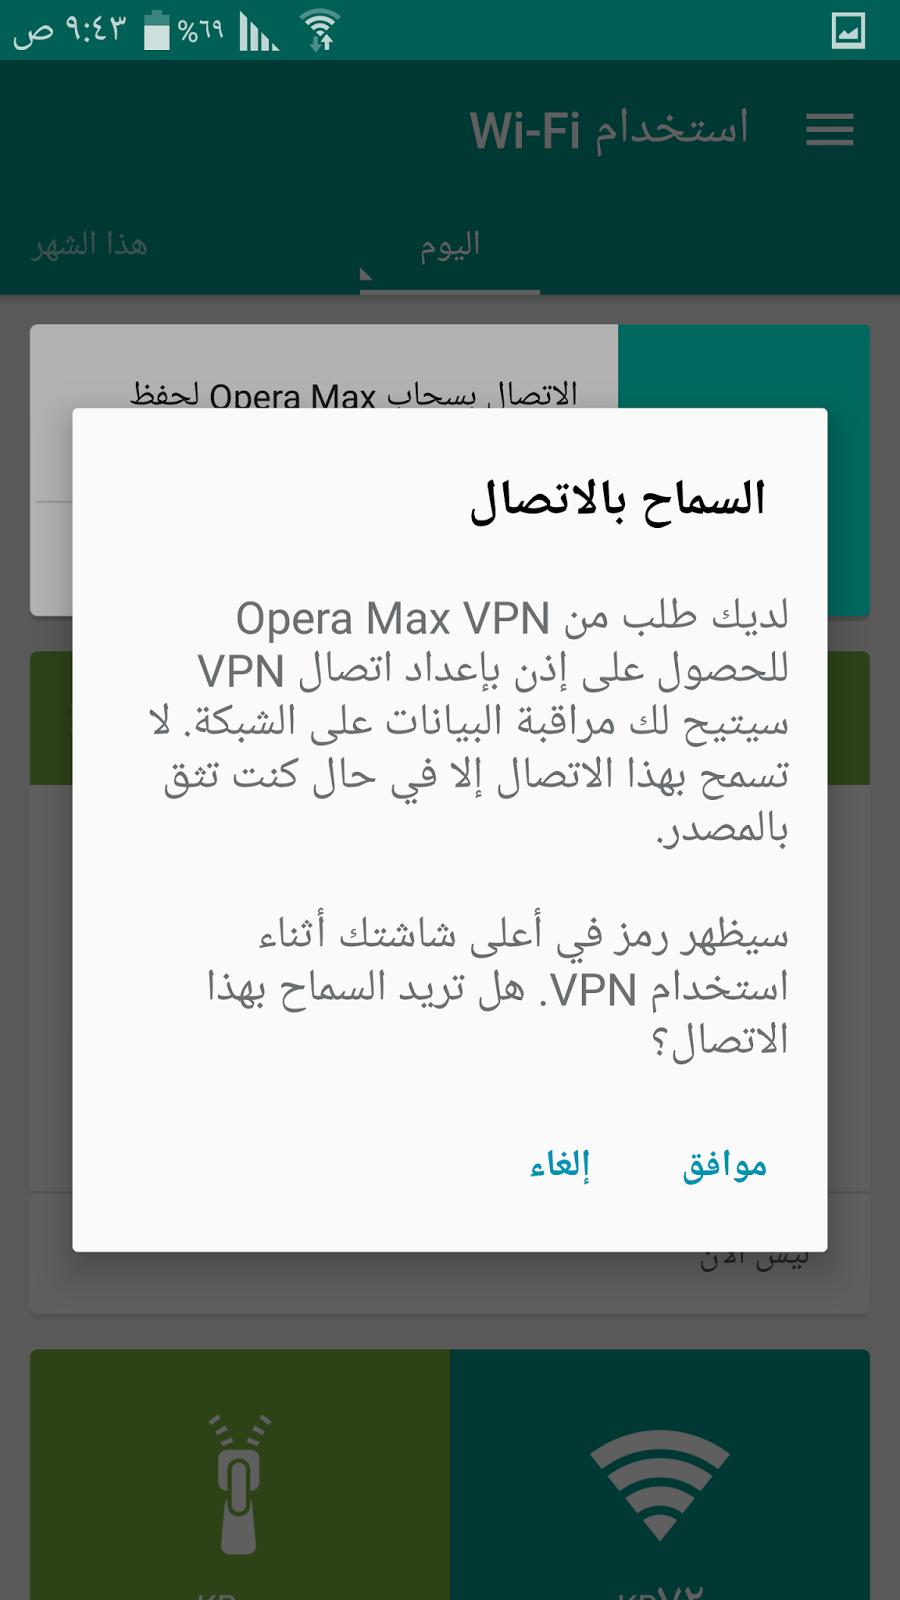 تطبيق Opera Max لقطع الانترنت عن اي تطبيق لتوفير استهلاك البيانات | بحرية درويد